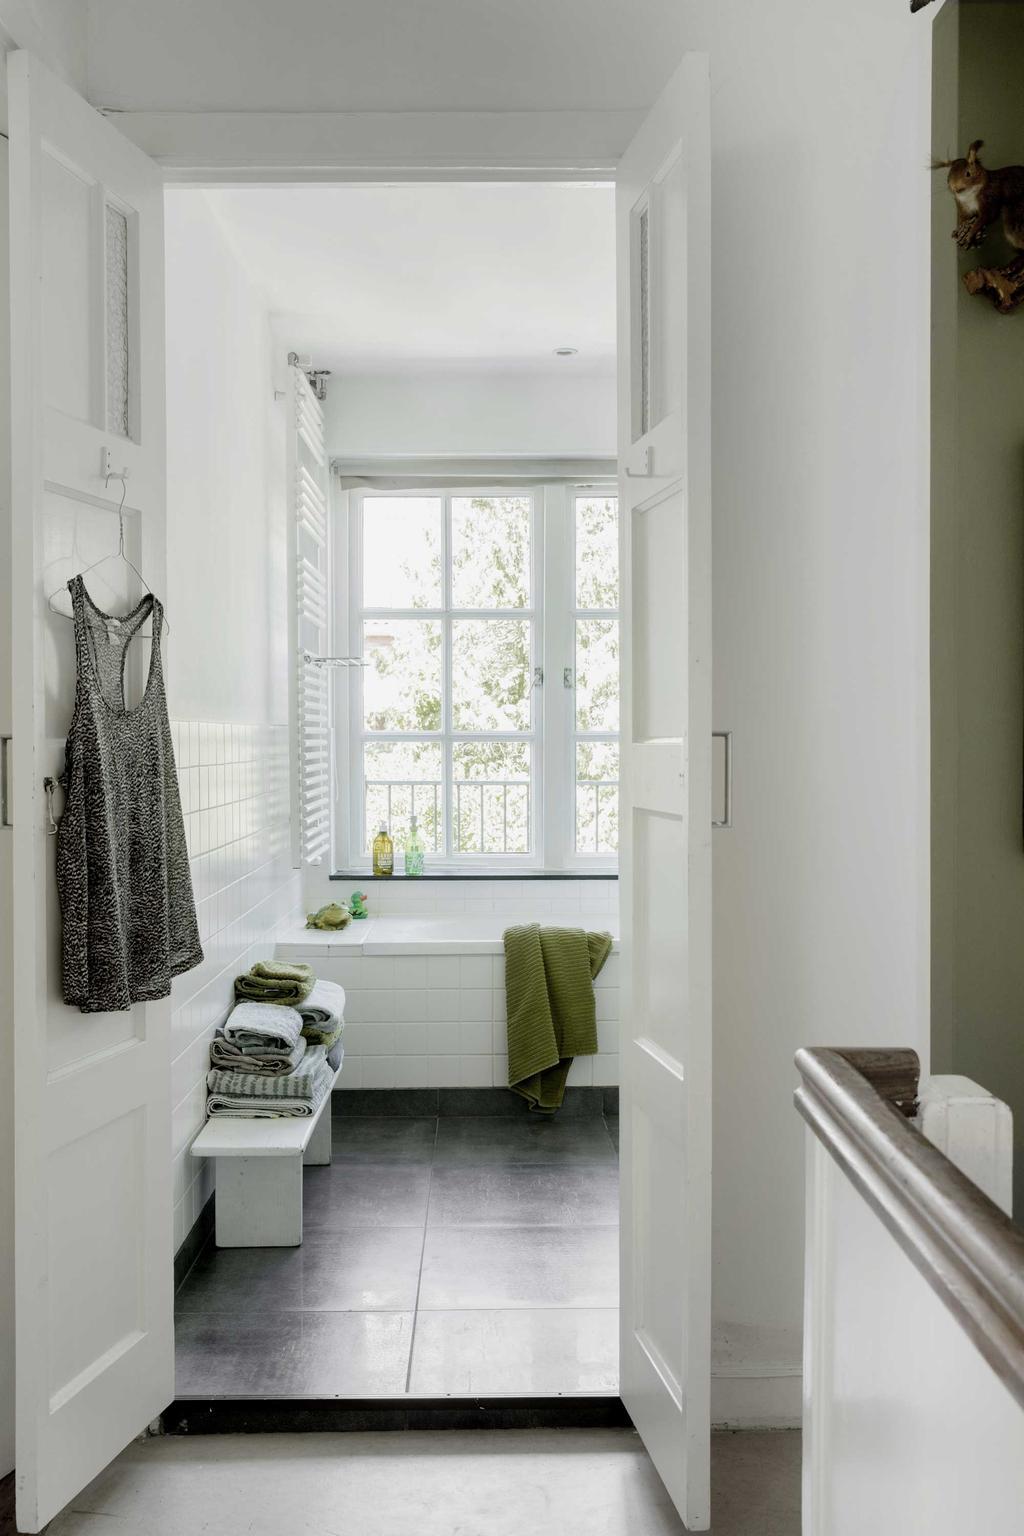 Witte Badkamer met ligbad groene handdoek